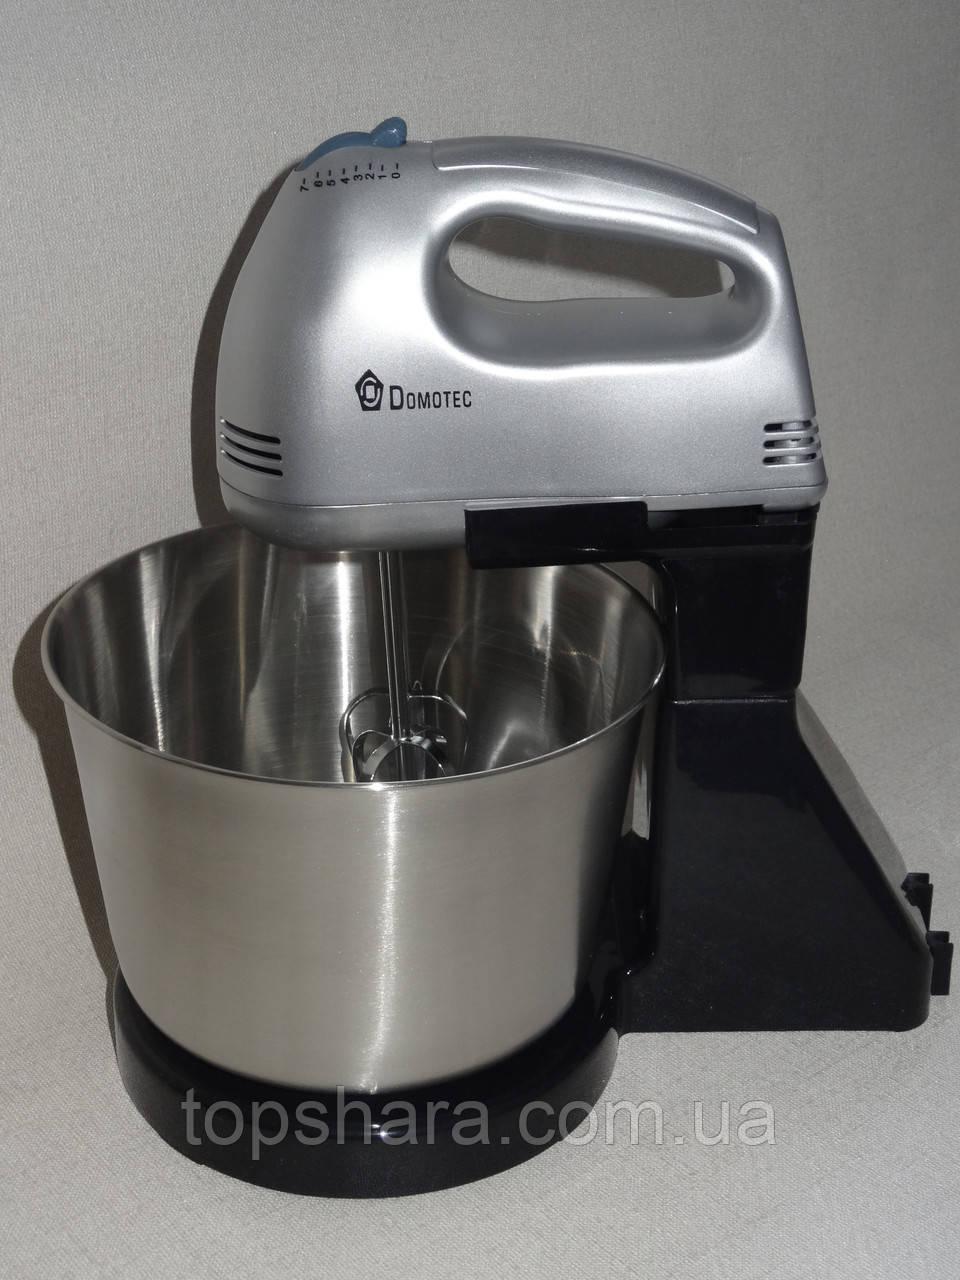 Миксер с чашей метал Domotec MS-1133, ручной миксер Silver